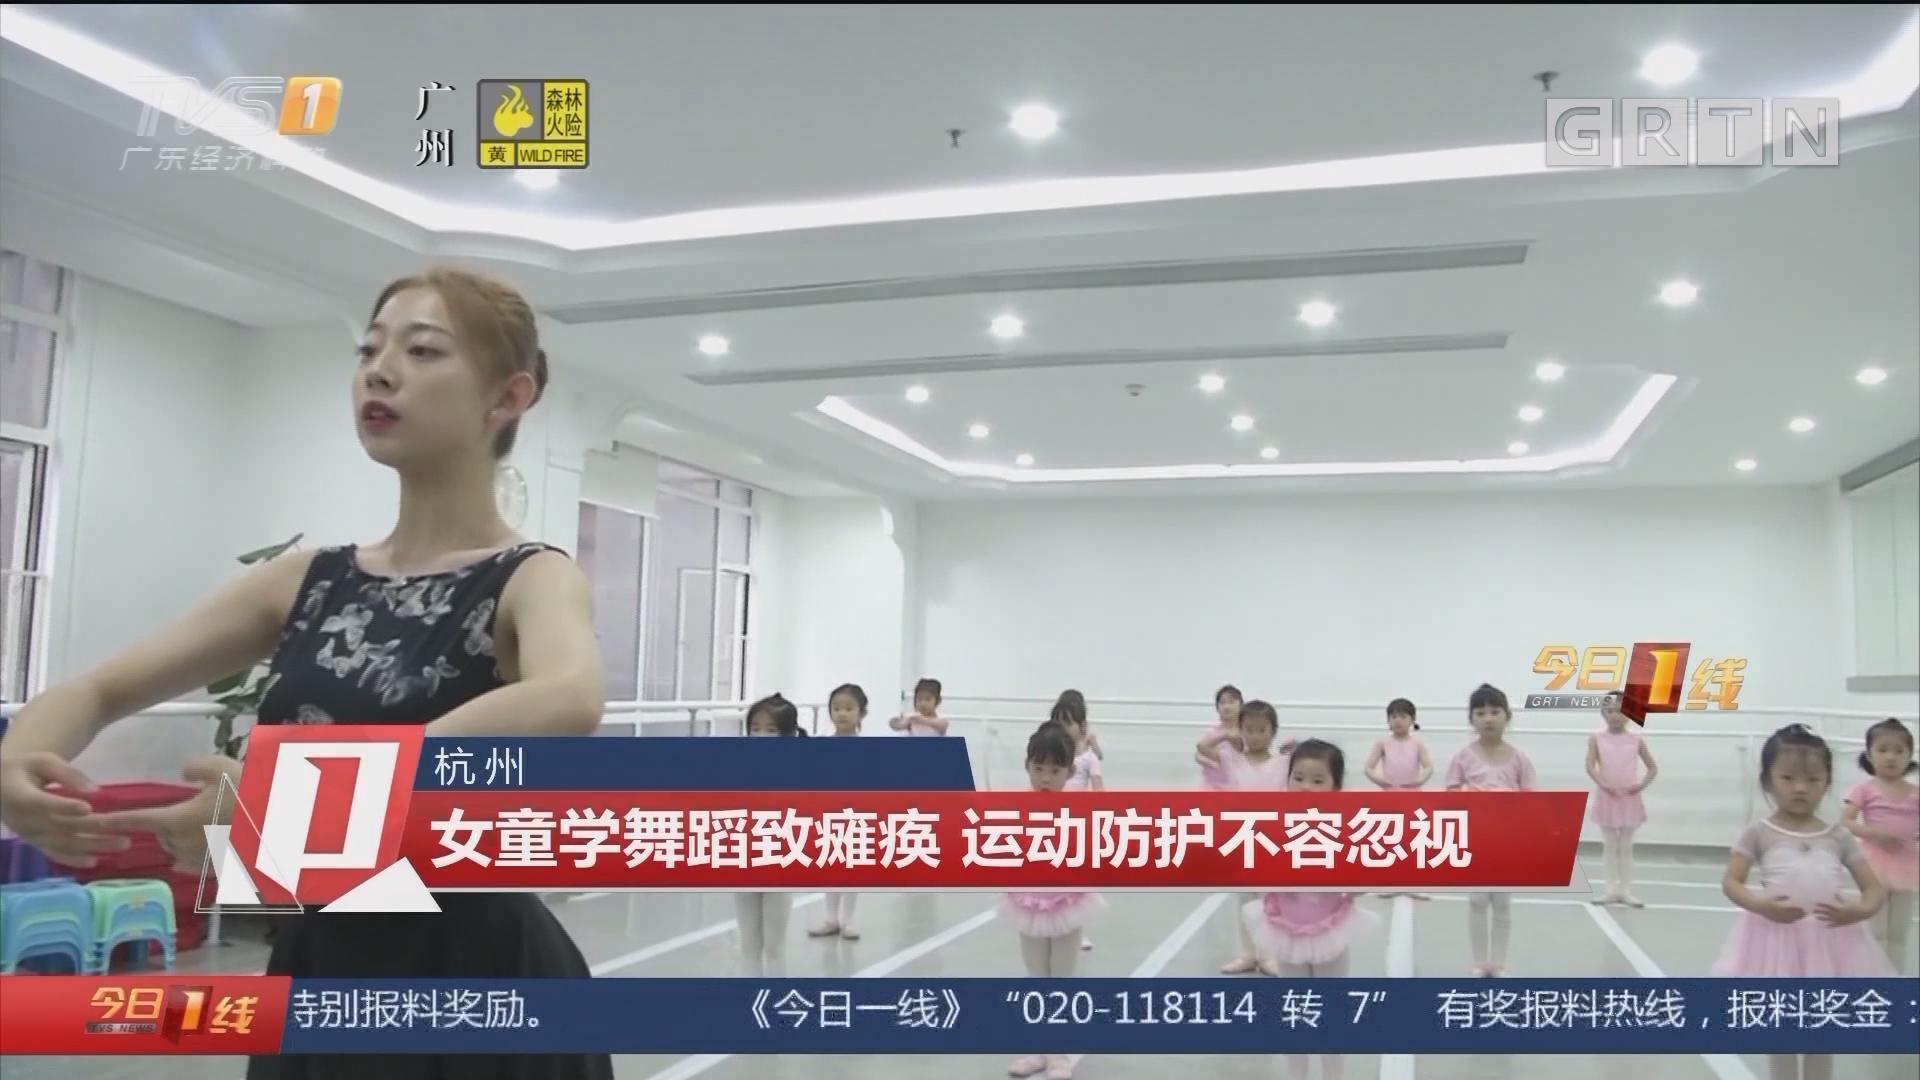 杭州:文童学舞蹈致瘫痪 运动防护不容忽视